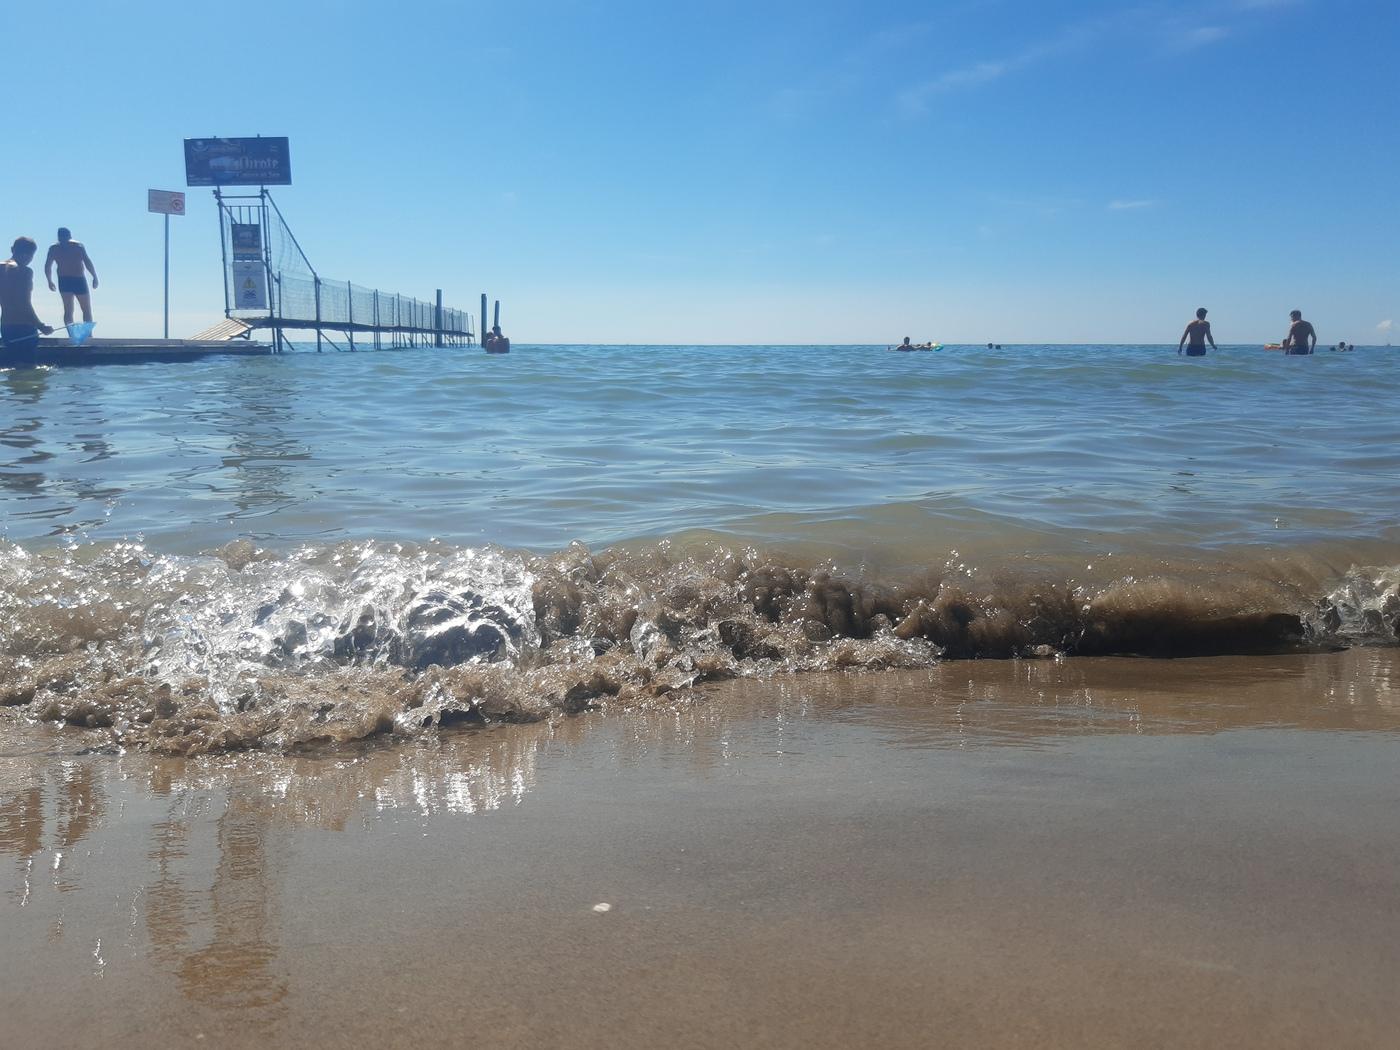 La Spiaggia di Jesolo, feiner Sandstrand in Venetien